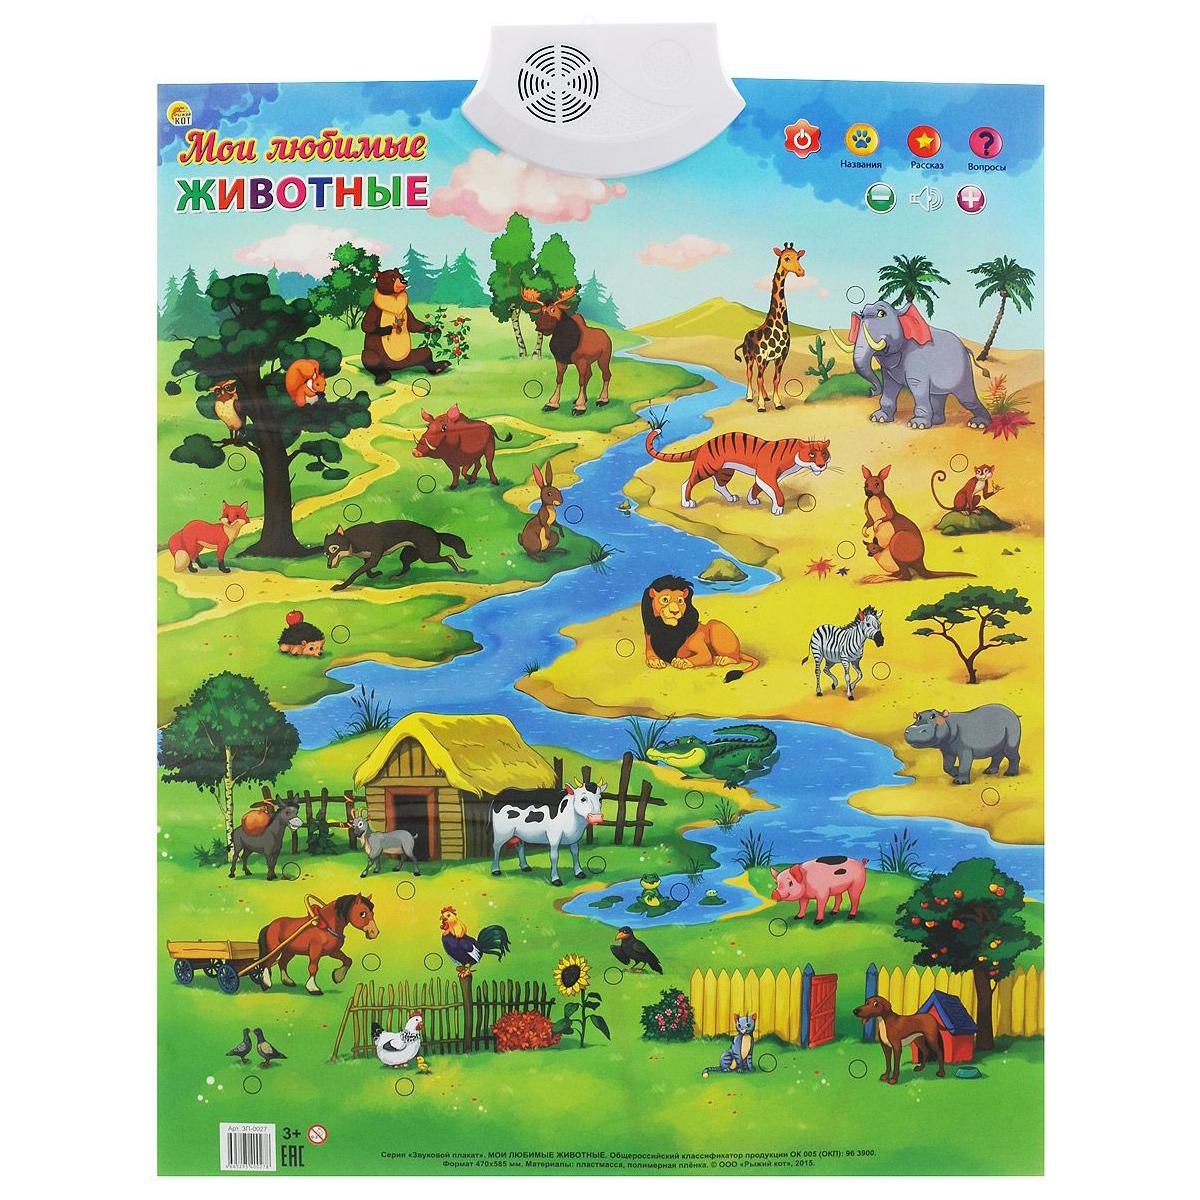 Звуковой плакат. Мои любимые животные - Говорящие плакаты, артикул: 158774